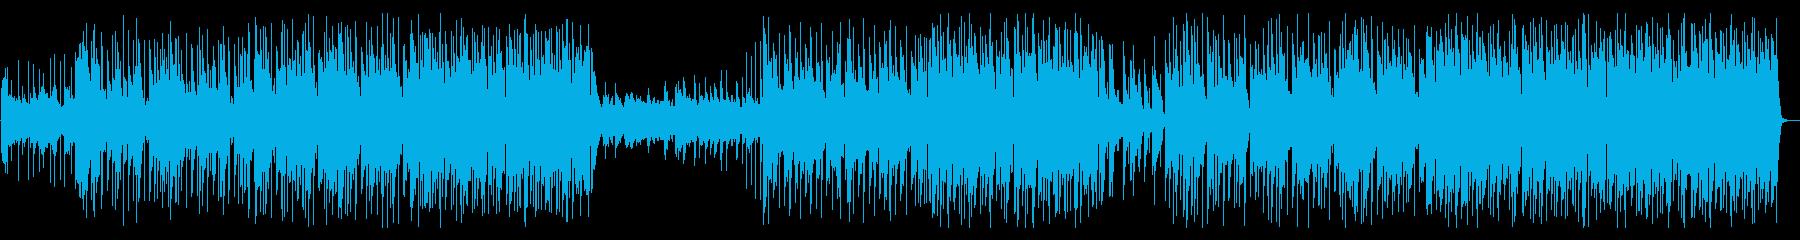 HIPHOPトラック/洋楽/切ないの再生済みの波形